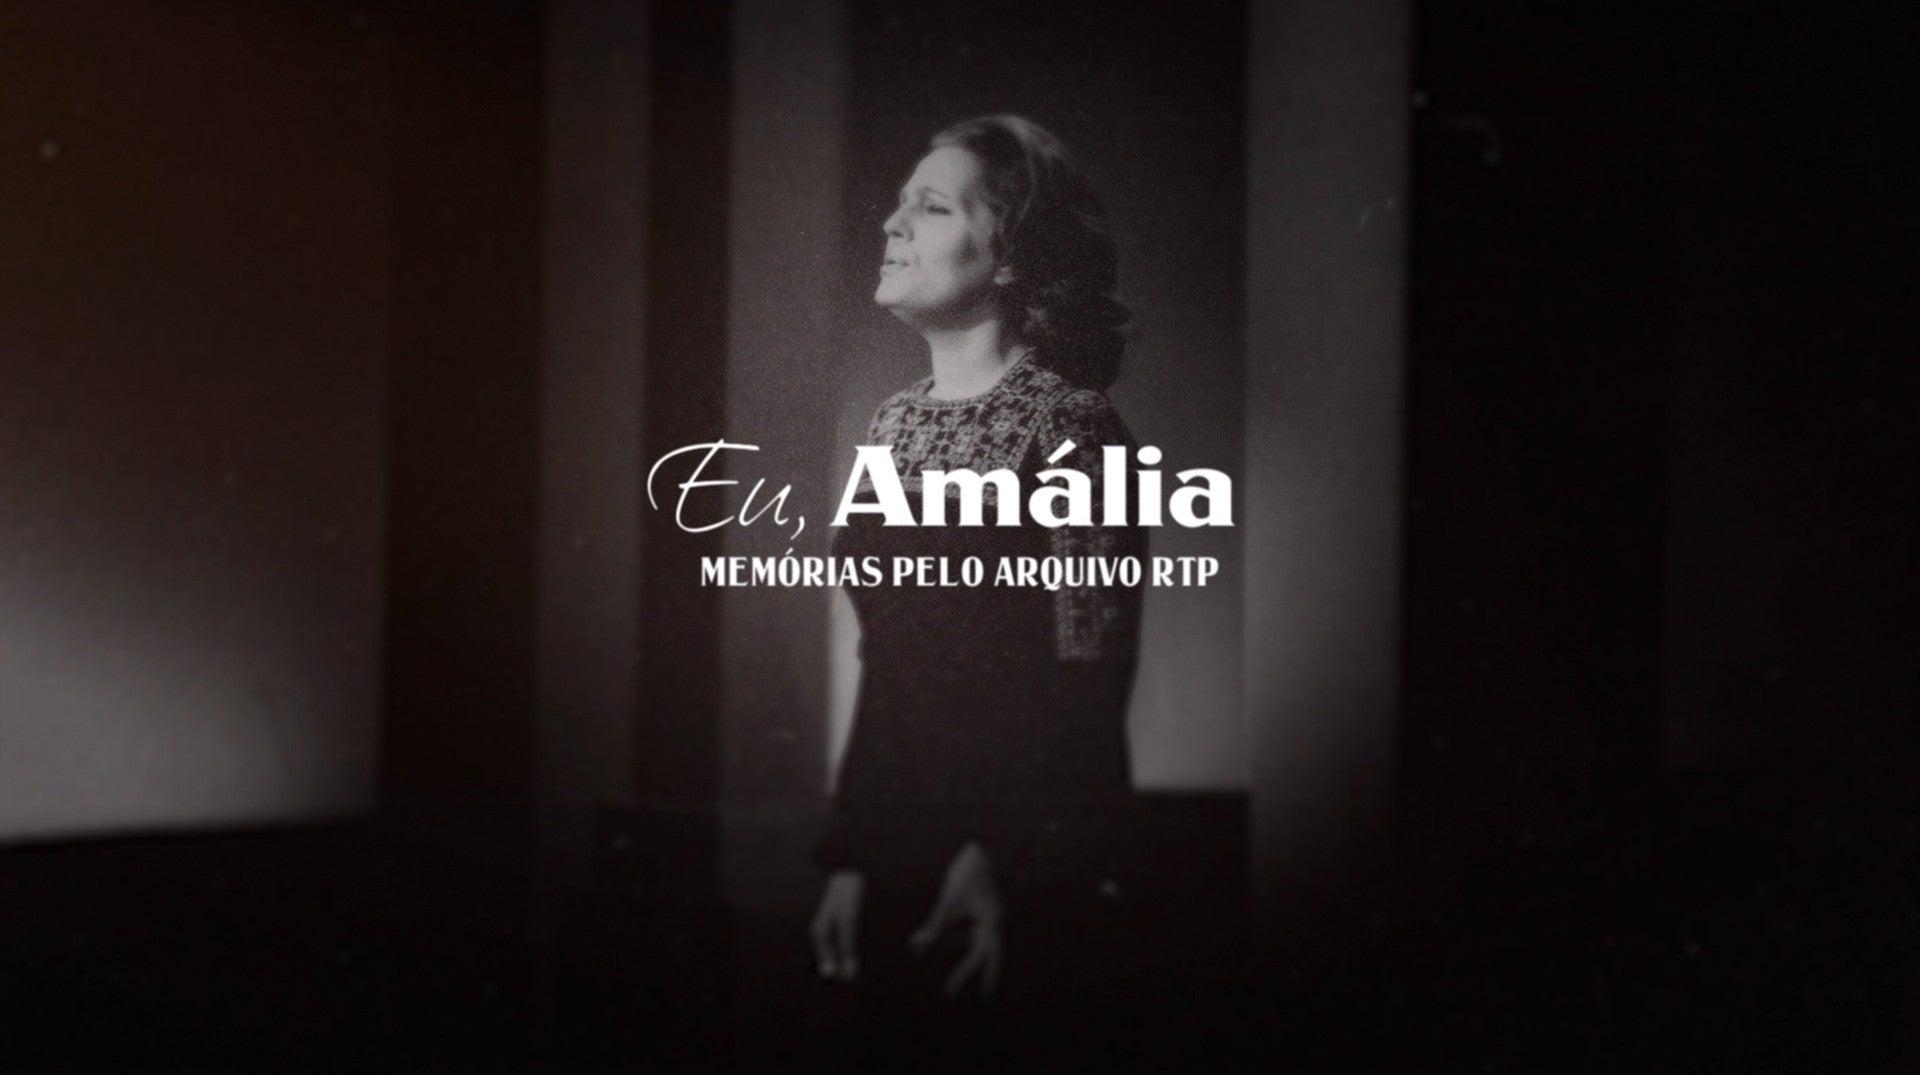 Eu, Amália